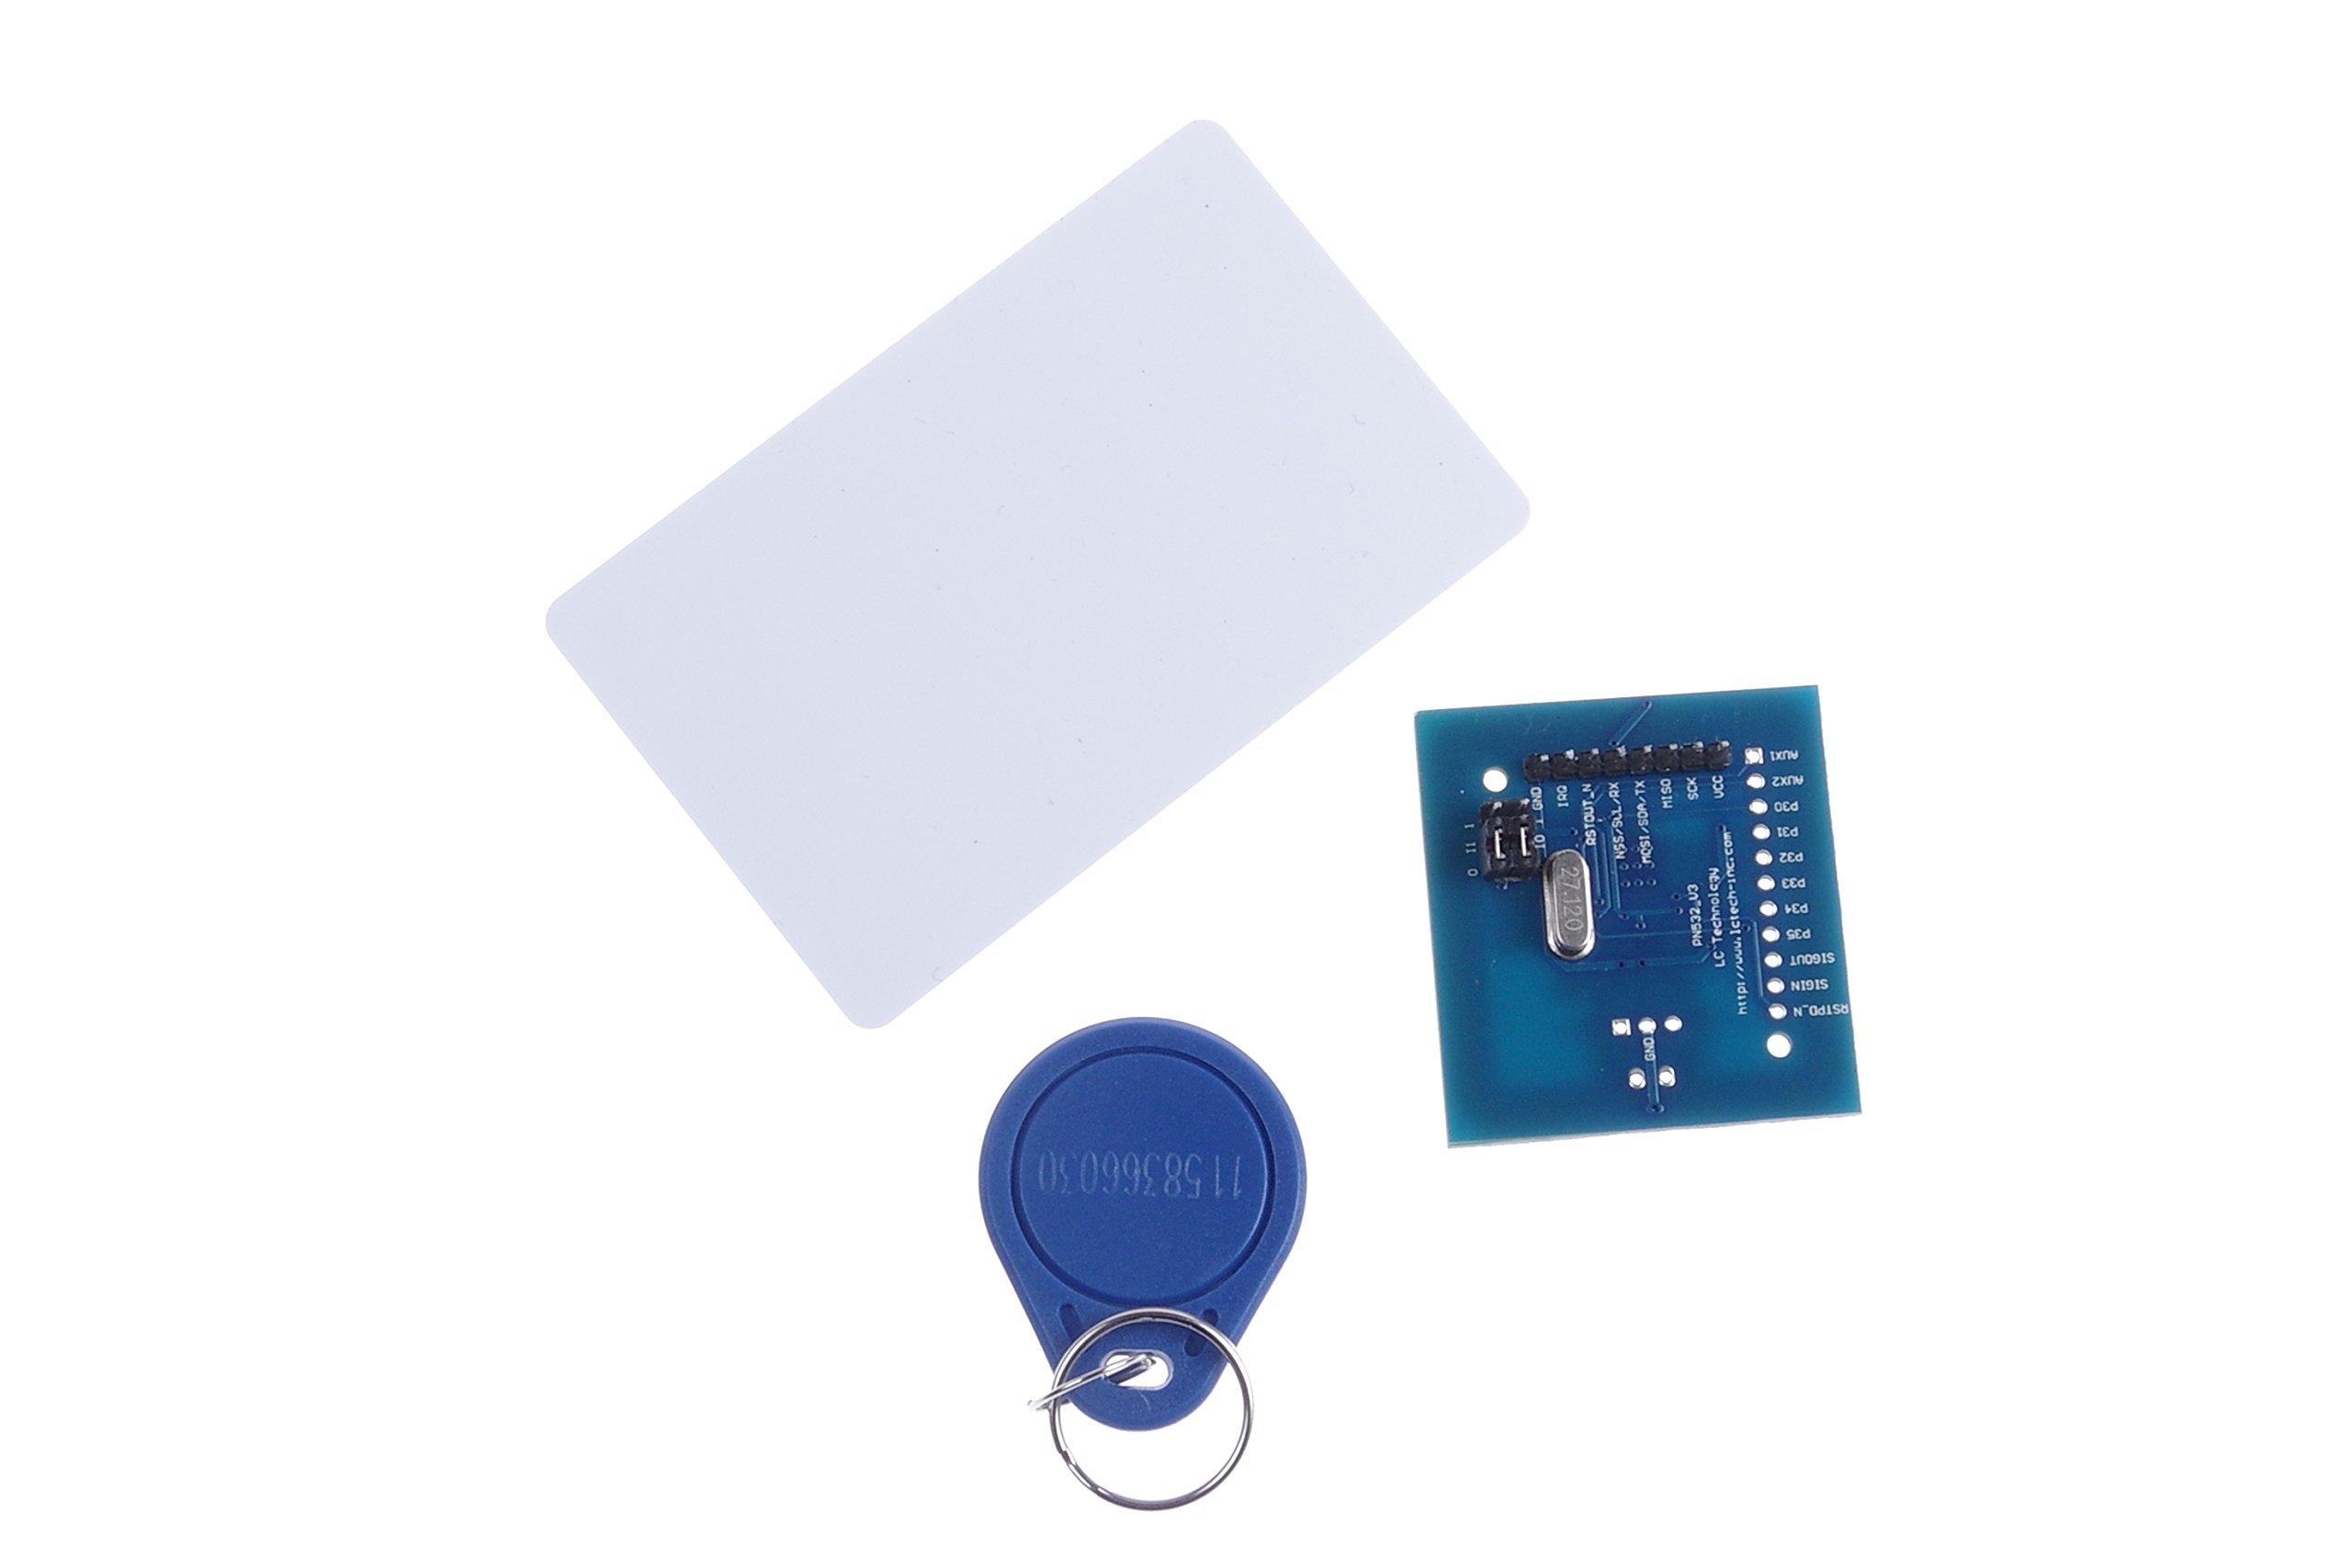 KNACRO PN532 NFC/RFID Module Near field communication module 13.56mHz Electronic tag Wireless module